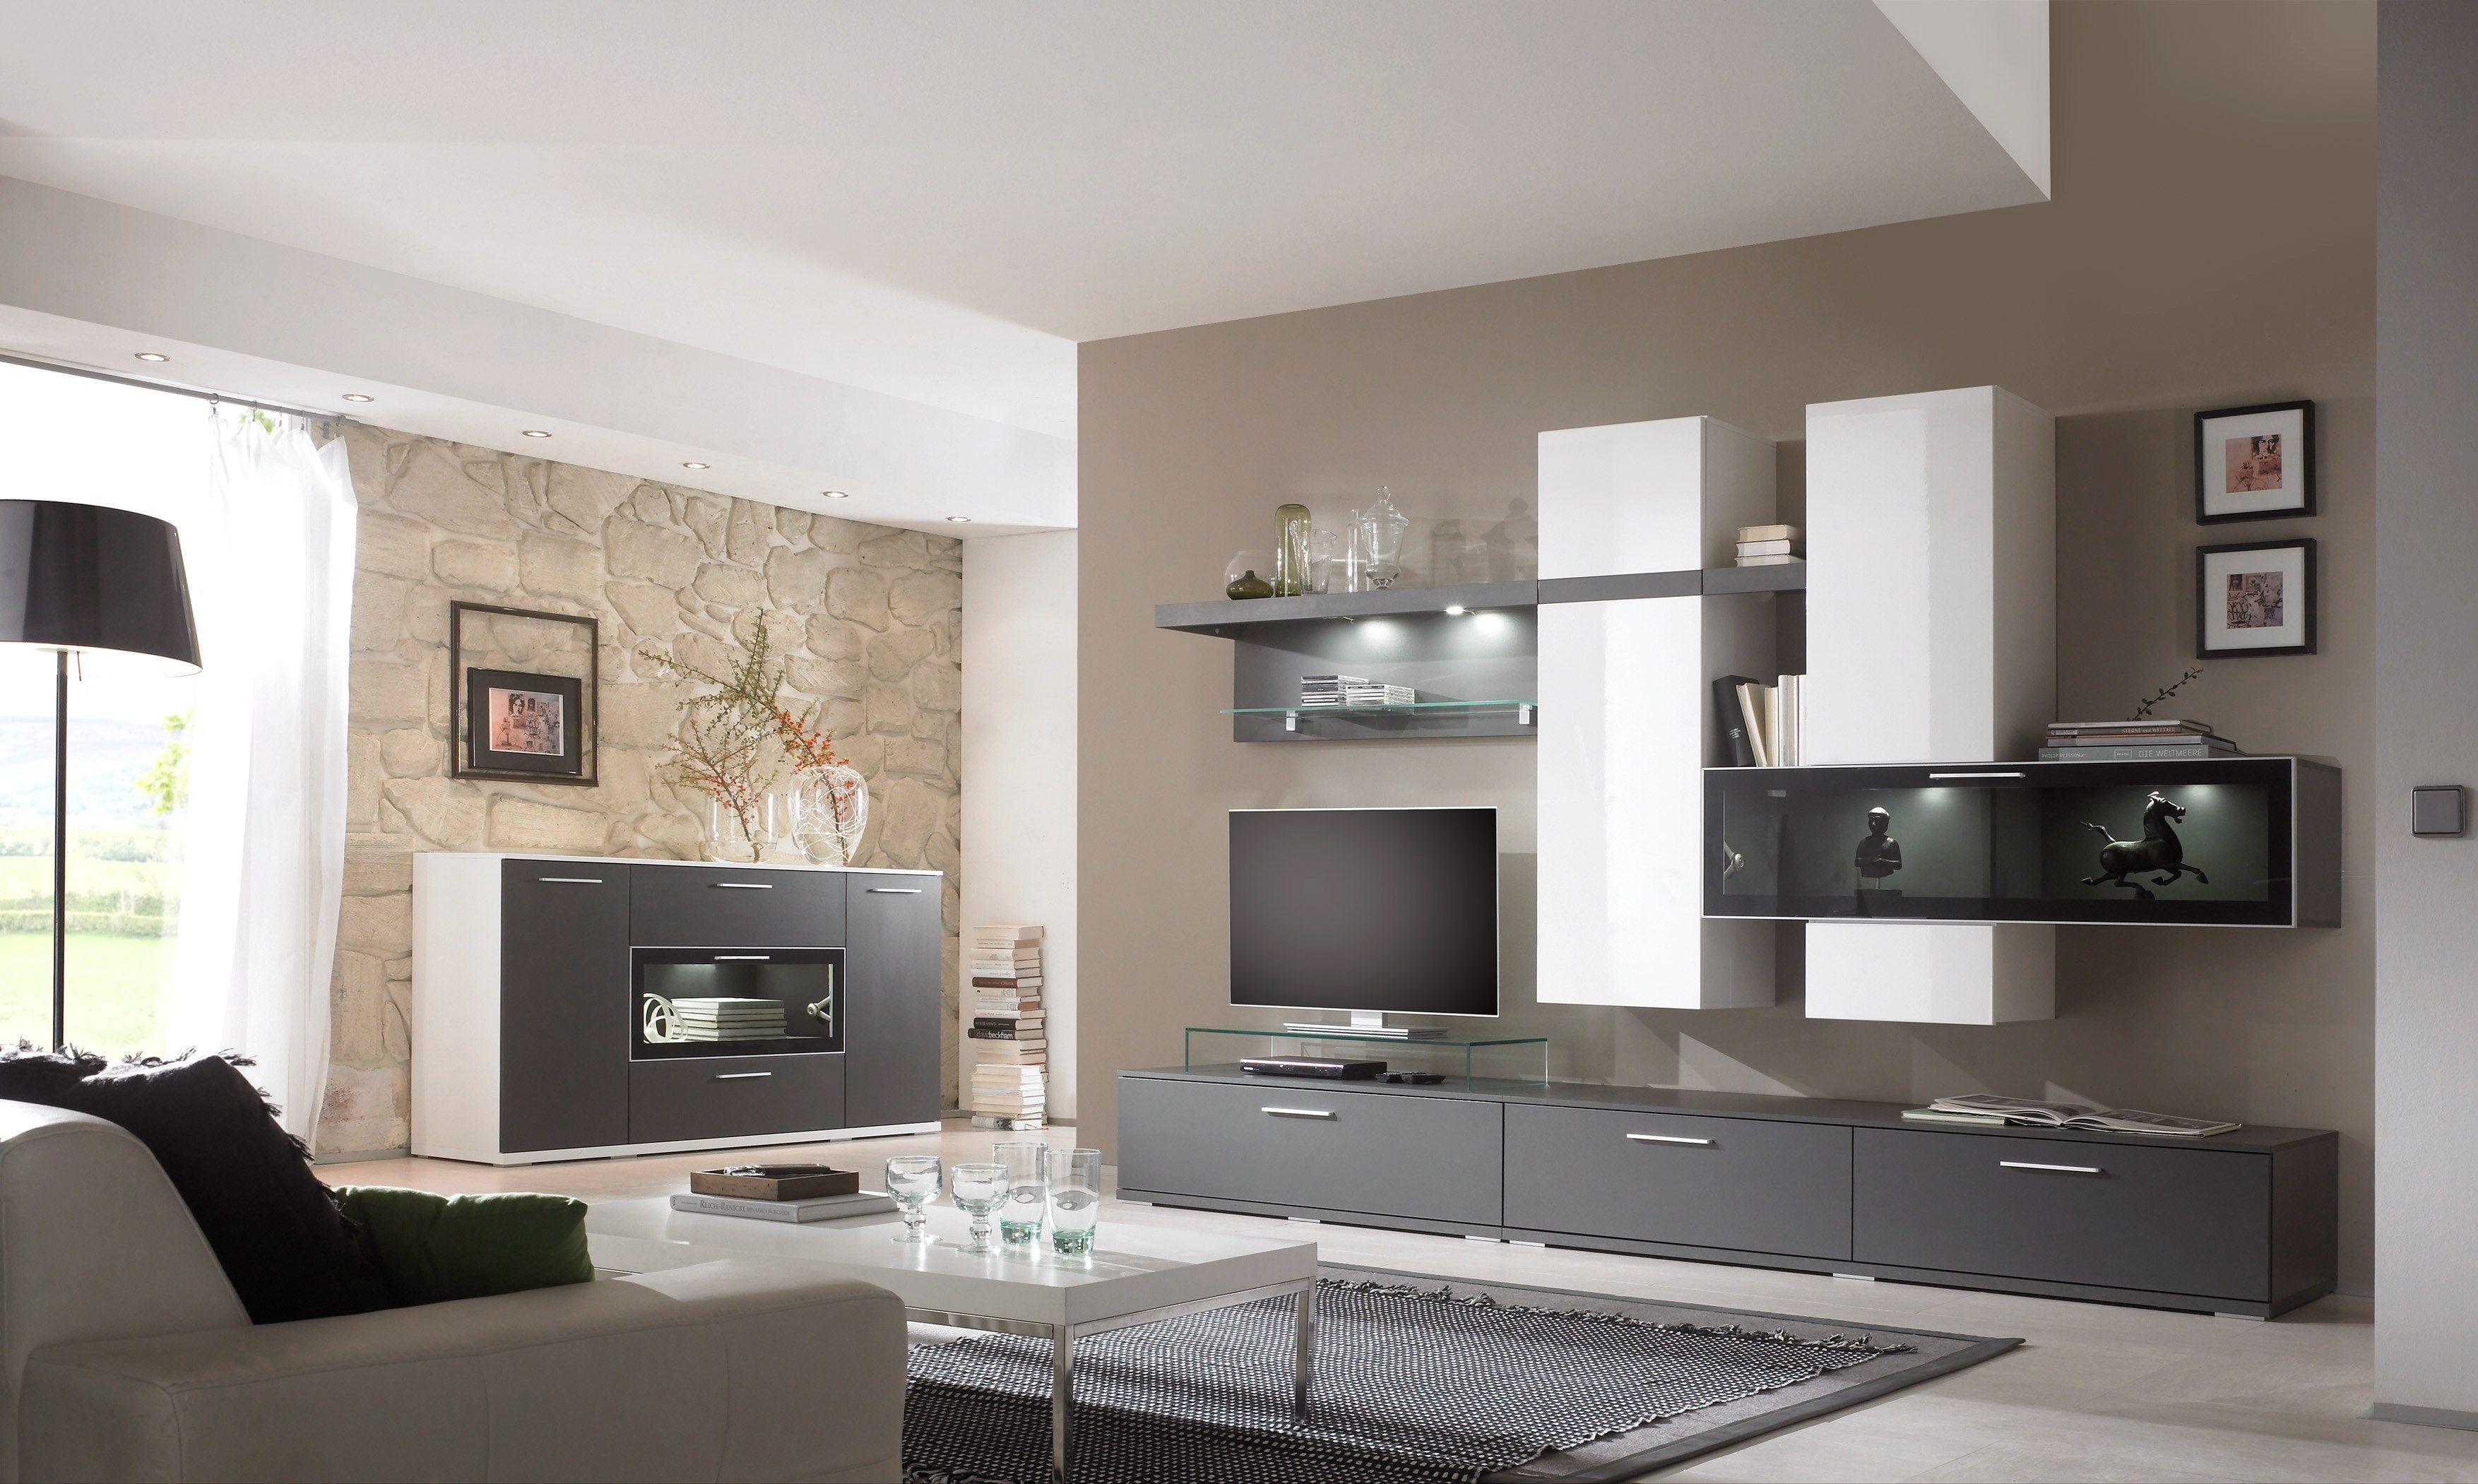 Wohnzimmer Farbe Grau Kombinieren Wohnzimmer Wandgestaltung Streichen